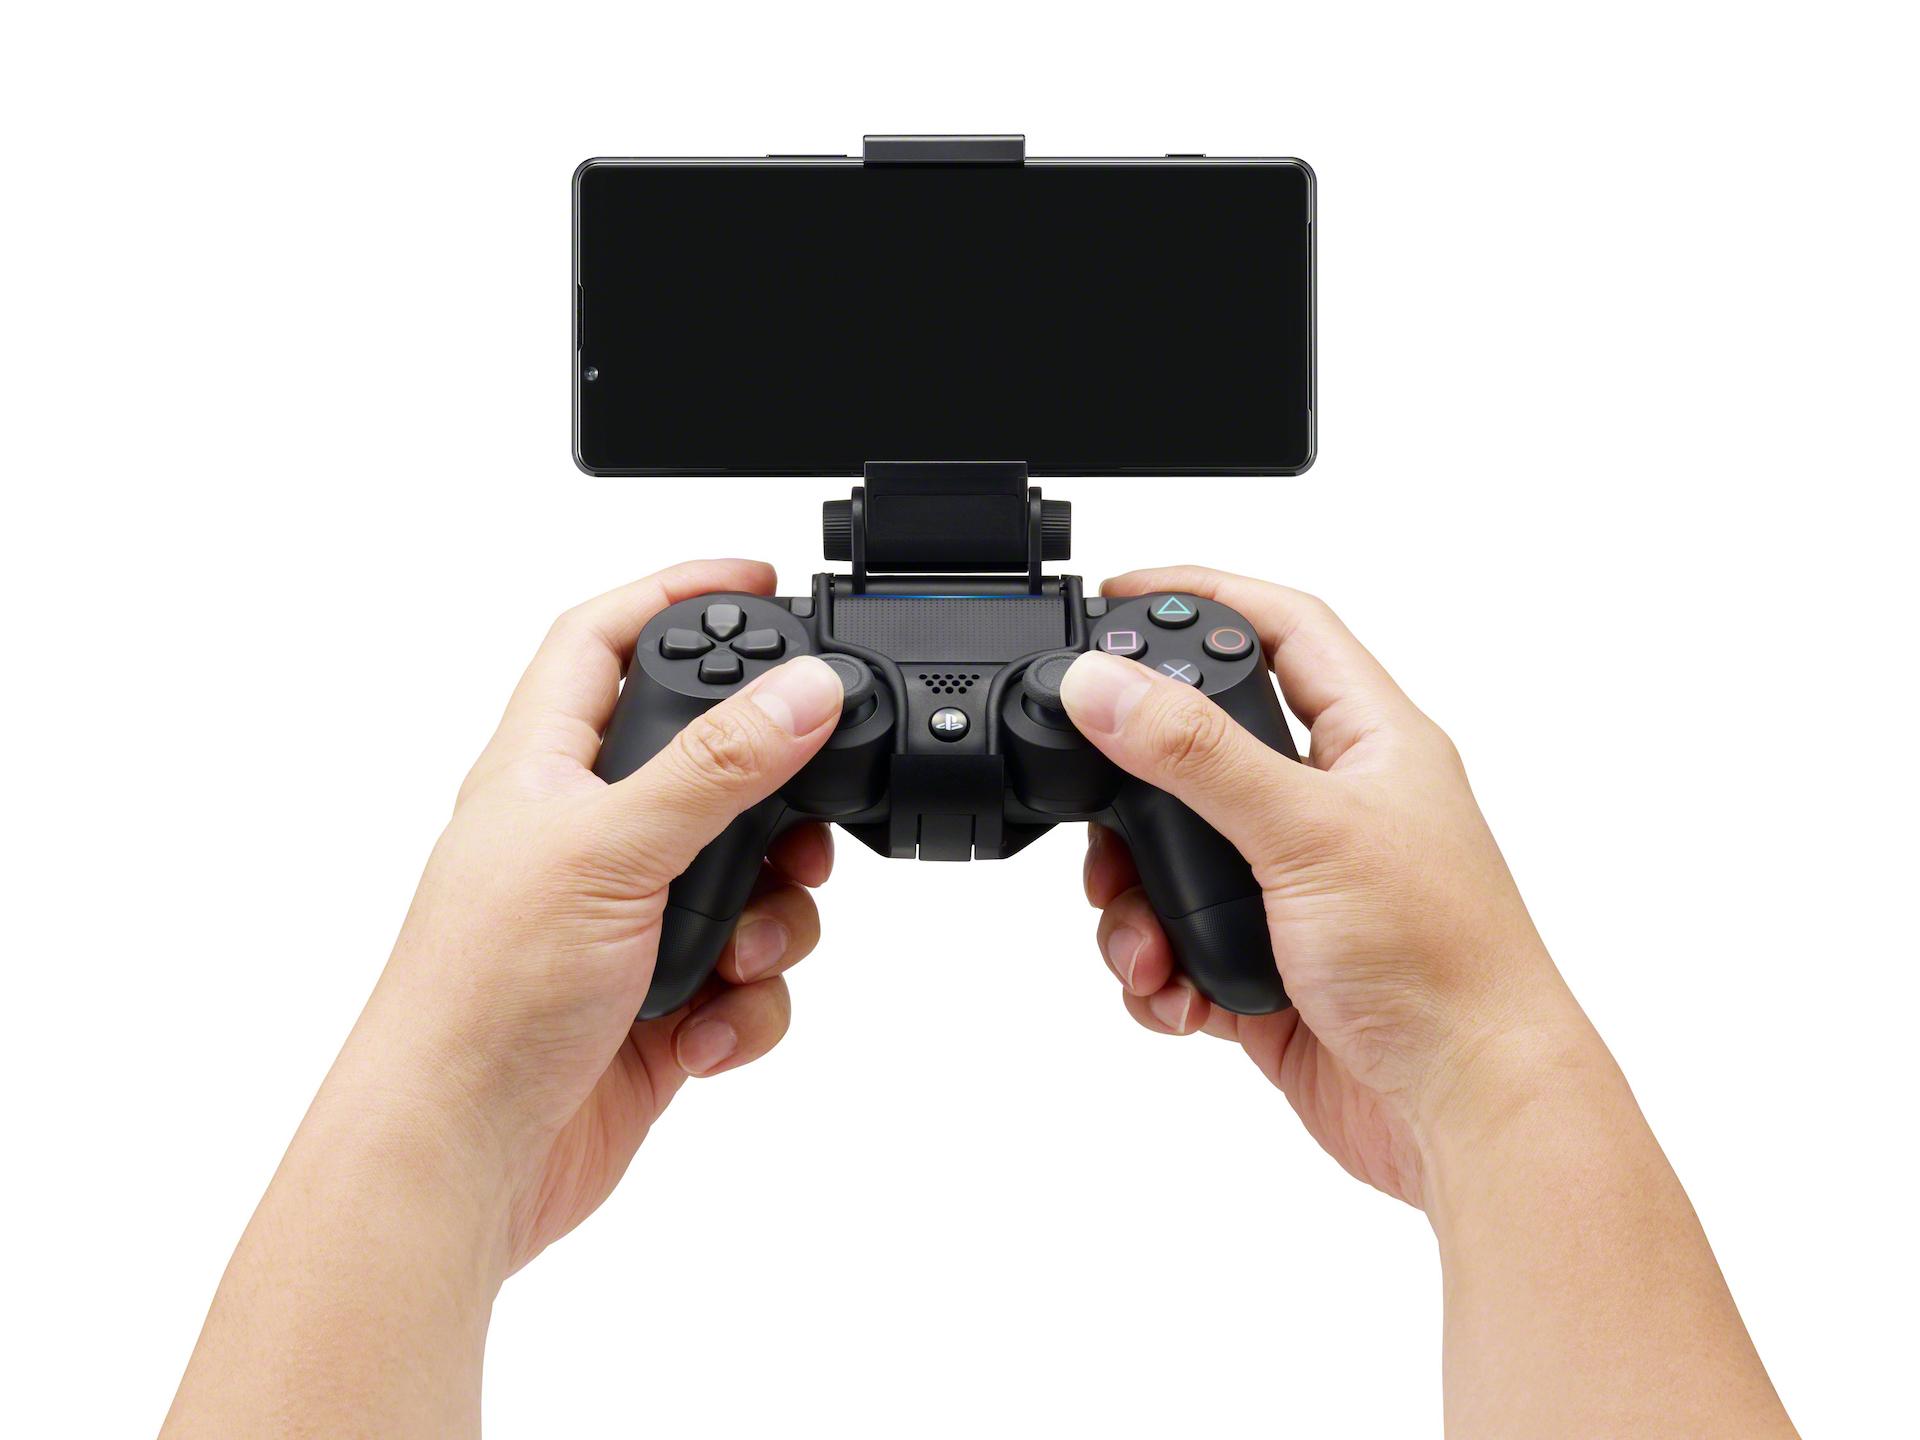 Xperia 1 II Black DualShock - Sony Xperia 1 II